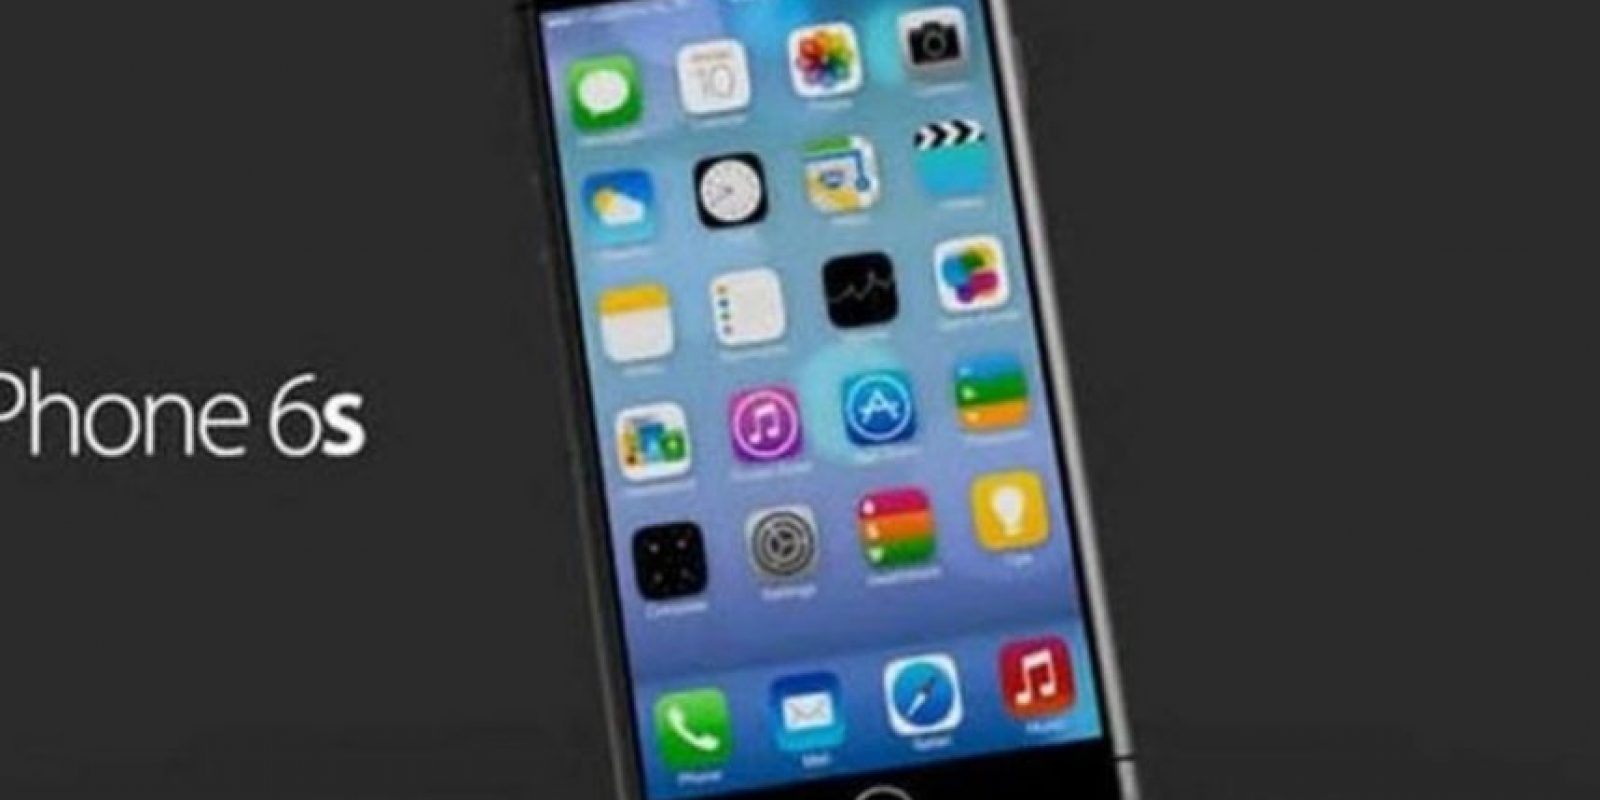 Analistas señalan que para no quedarse atrás respecto al Samsung Galaxy S6 que utiliza Gorilla Glass 4, debe mejorar su pantalla que por el momento es Gorilla Glass 3. Foto:Tumblr